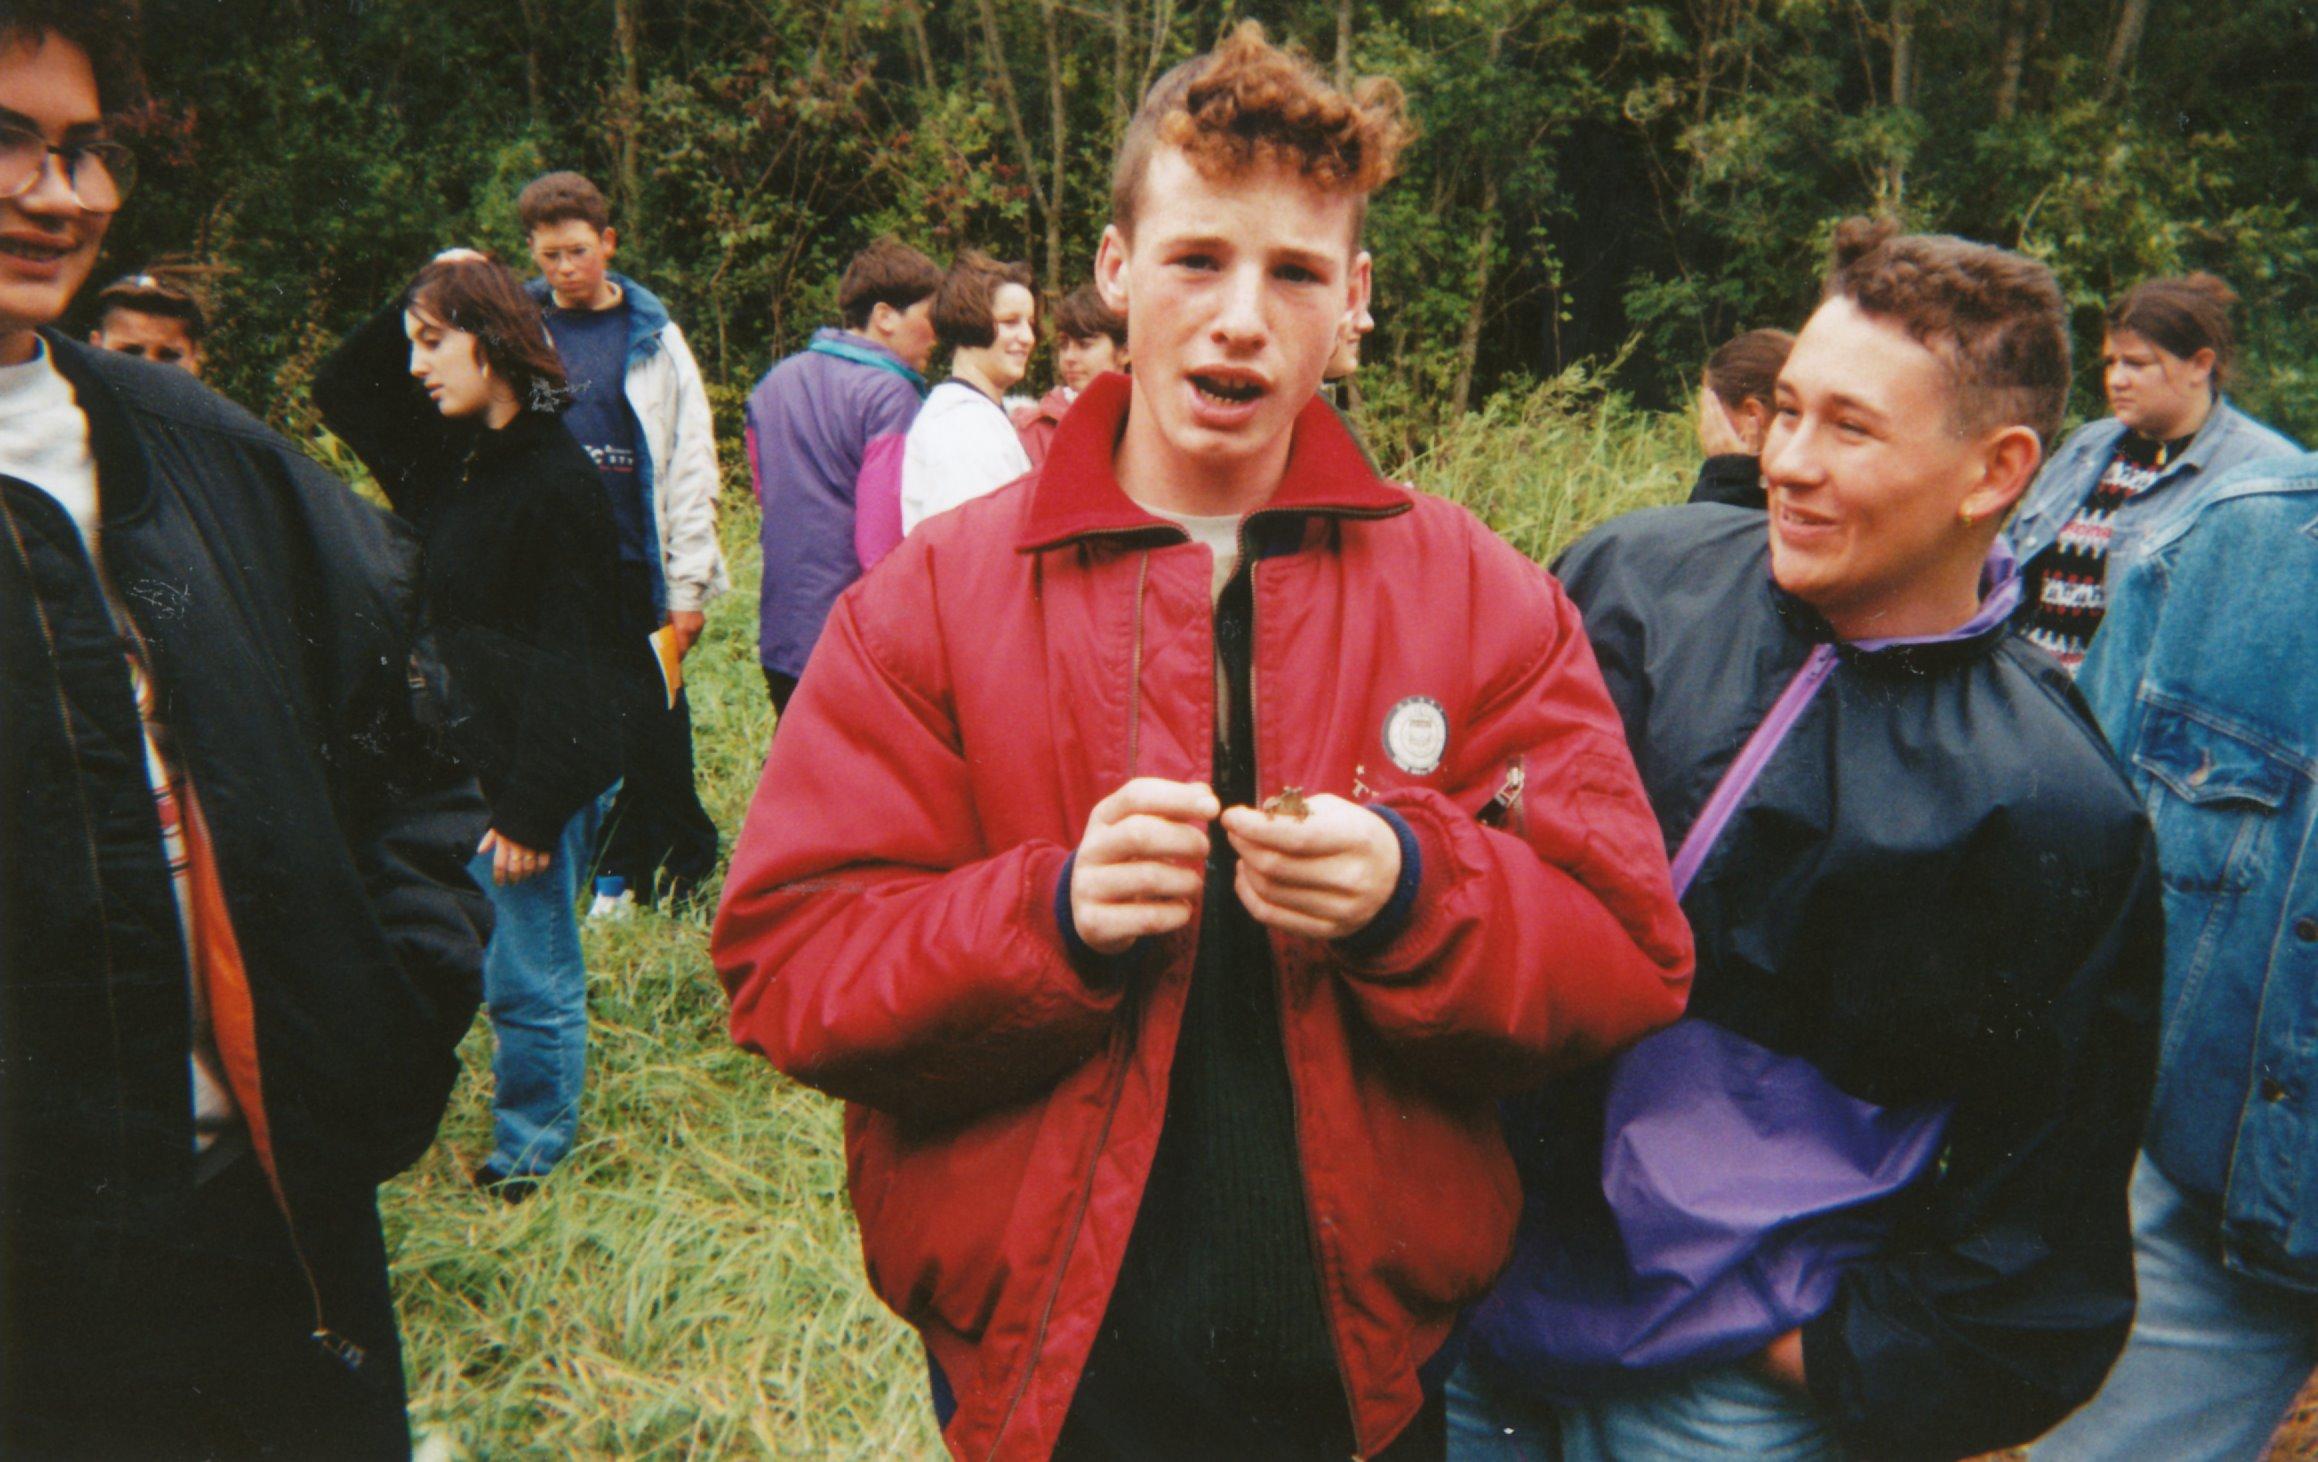 Archives anciens élèves mfr puy-sec 1993 (11)